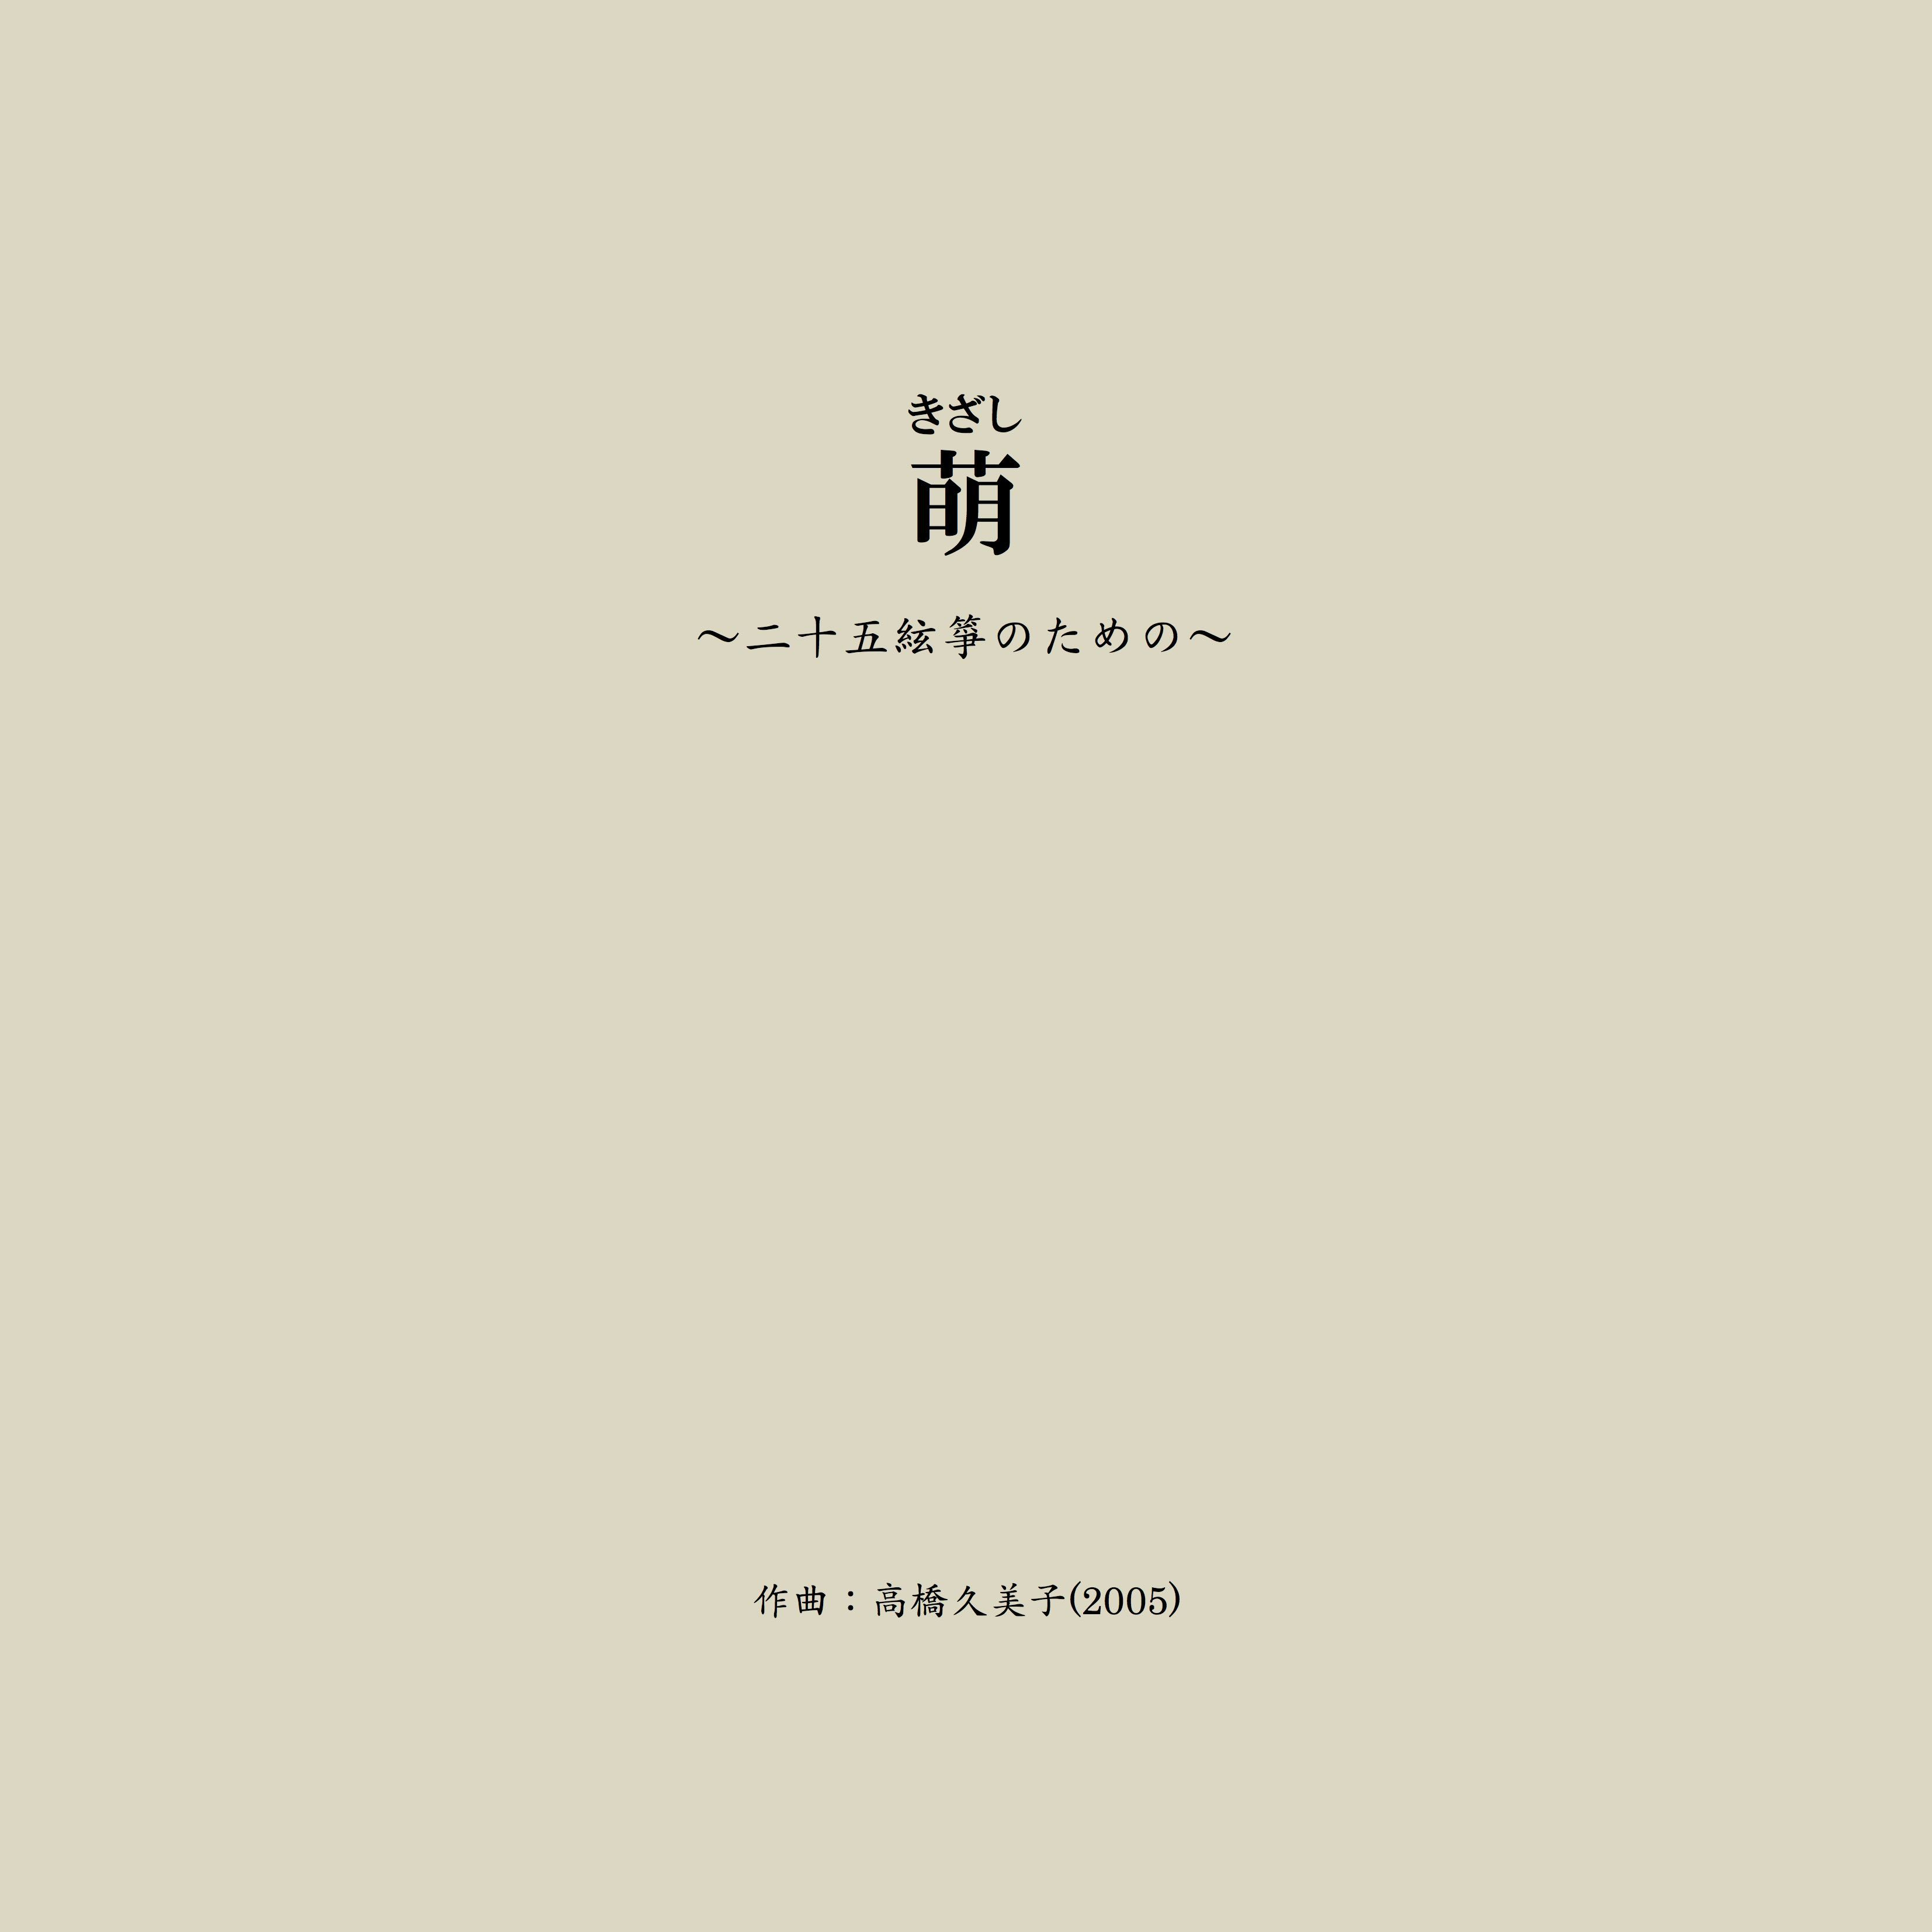 【楽譜】萌~二十五絃箏のための(五線譜)A4判